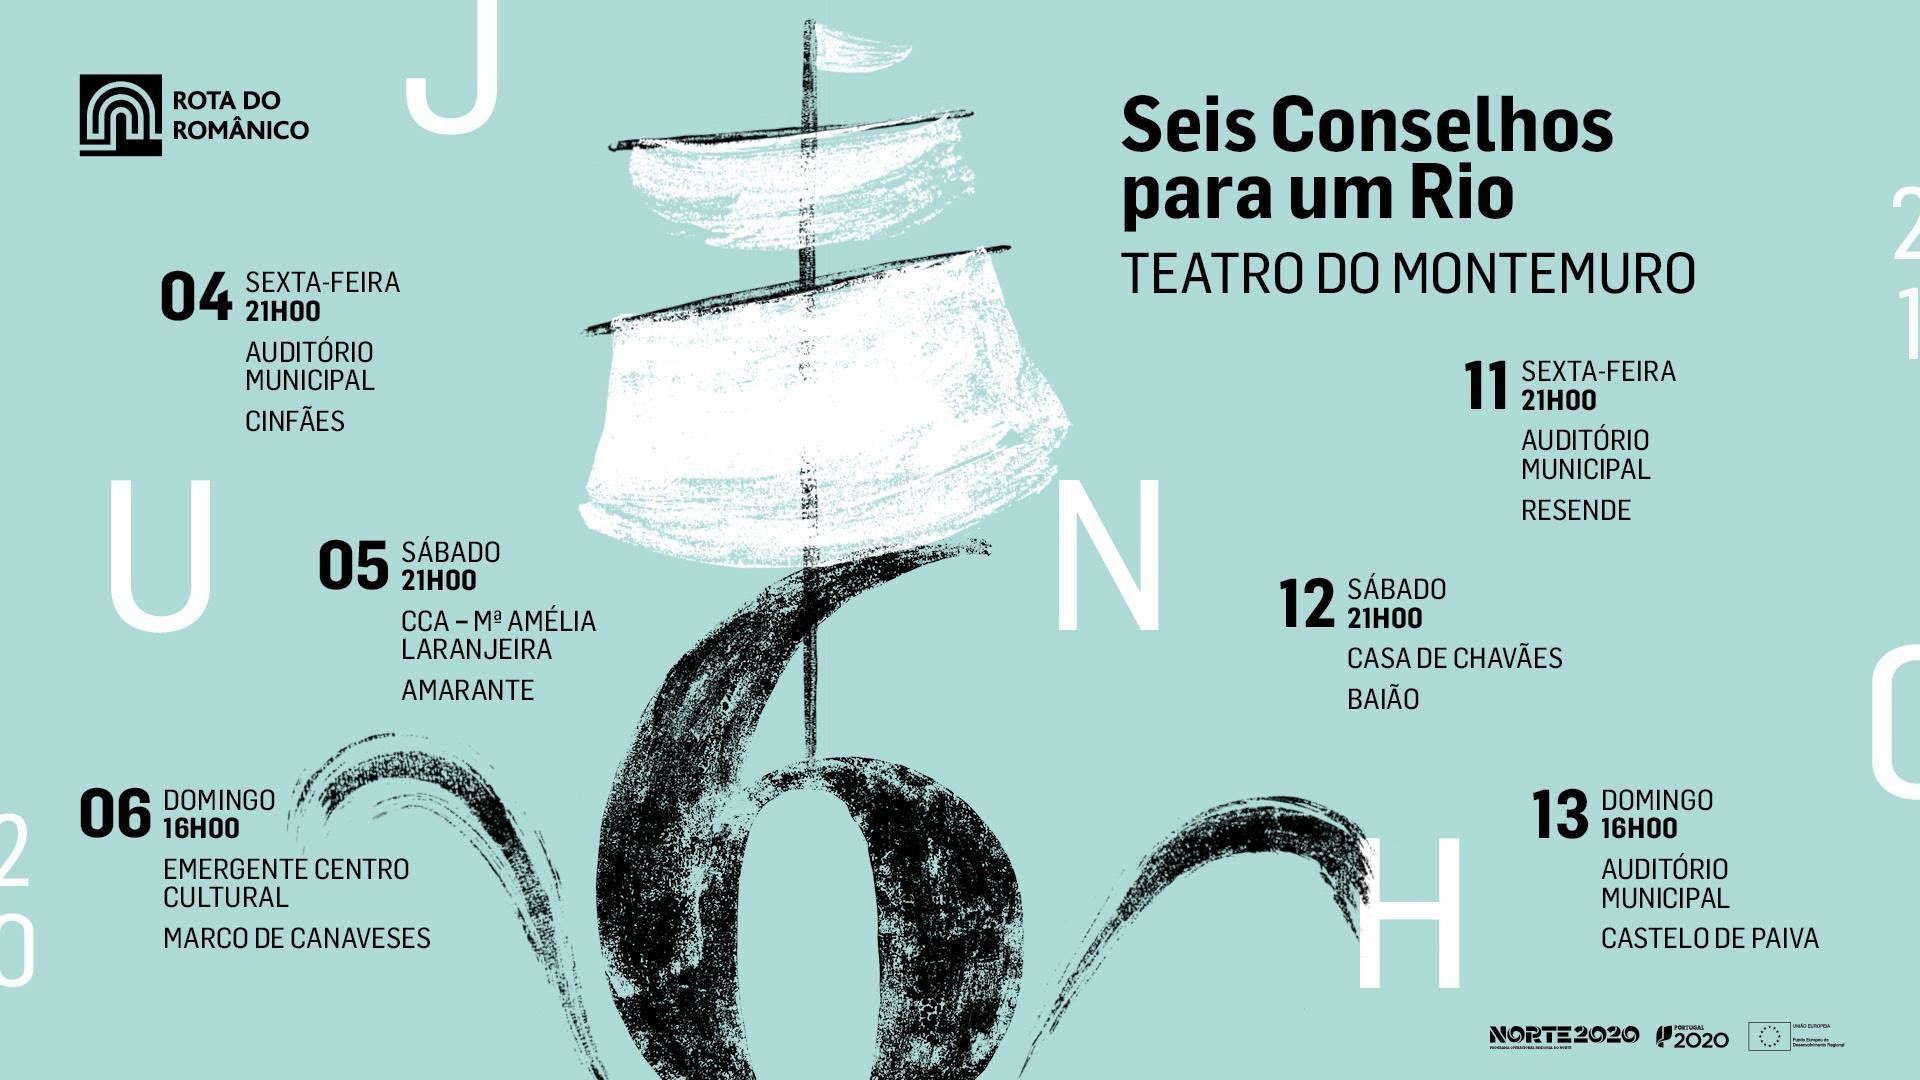 Marco de Canaveses | Seis Conselhos para um Rio | Teatro do Montemuro